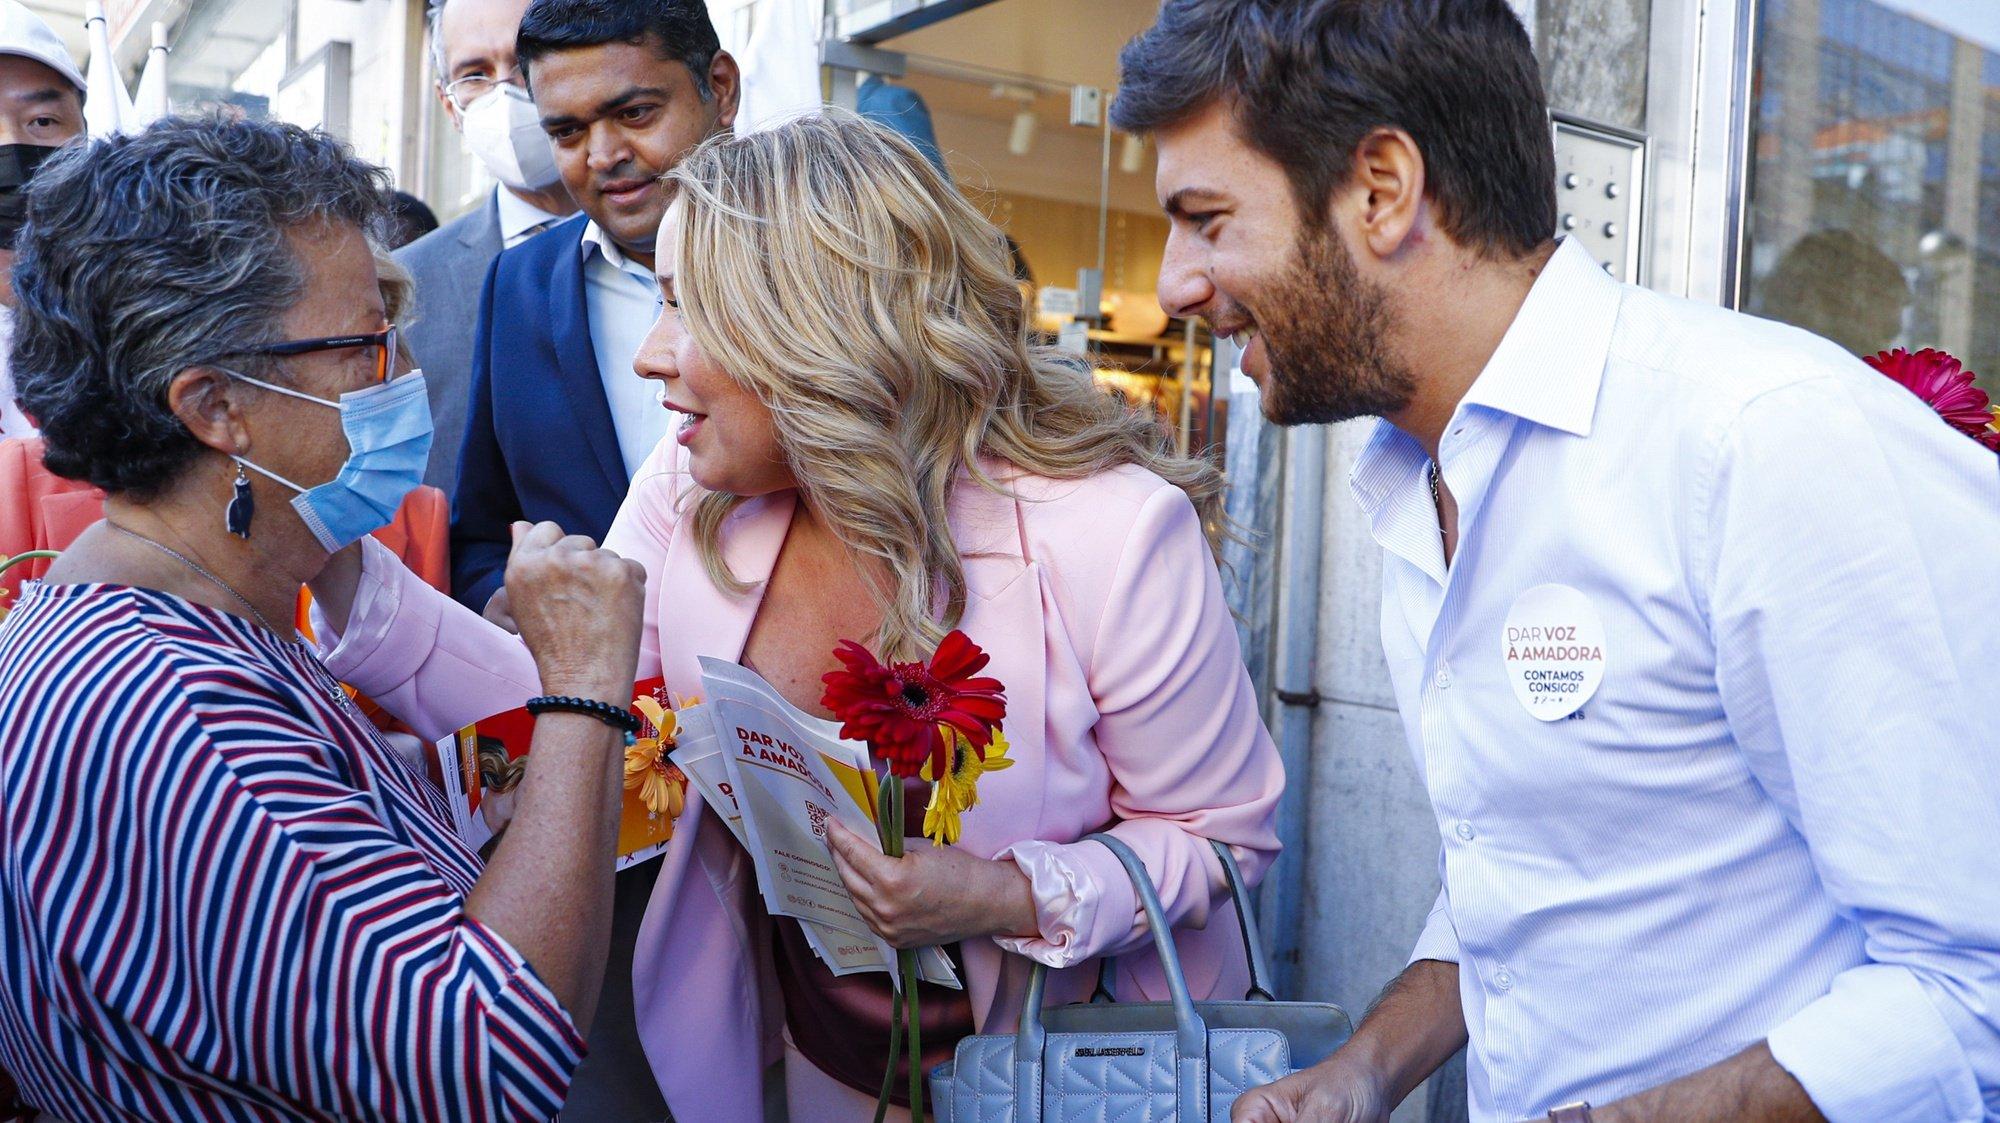 O presidente do CDS-PP, Francisco Rodrigues dos Santos (D), e a candidata à Câmara Municipal da Amadora pela coligação PSD, CDS-PP, Partido Democrático Republicano (PDR), Aliança e Partido da Terra (MPT), Suzana Garcia (2-D), conversam com uma popular, durante uma arruada pelas ruas da Amadora no âmbito da campanha para as eleições autárquicas 2021, na Amadora, 22 de setembro de 2021. No próximo dia 26 de setembro mais de 9,3 milhões eleitores podem  votar para eleger os seus representantes locais. ANTÓNIO COTRIM/LUSA